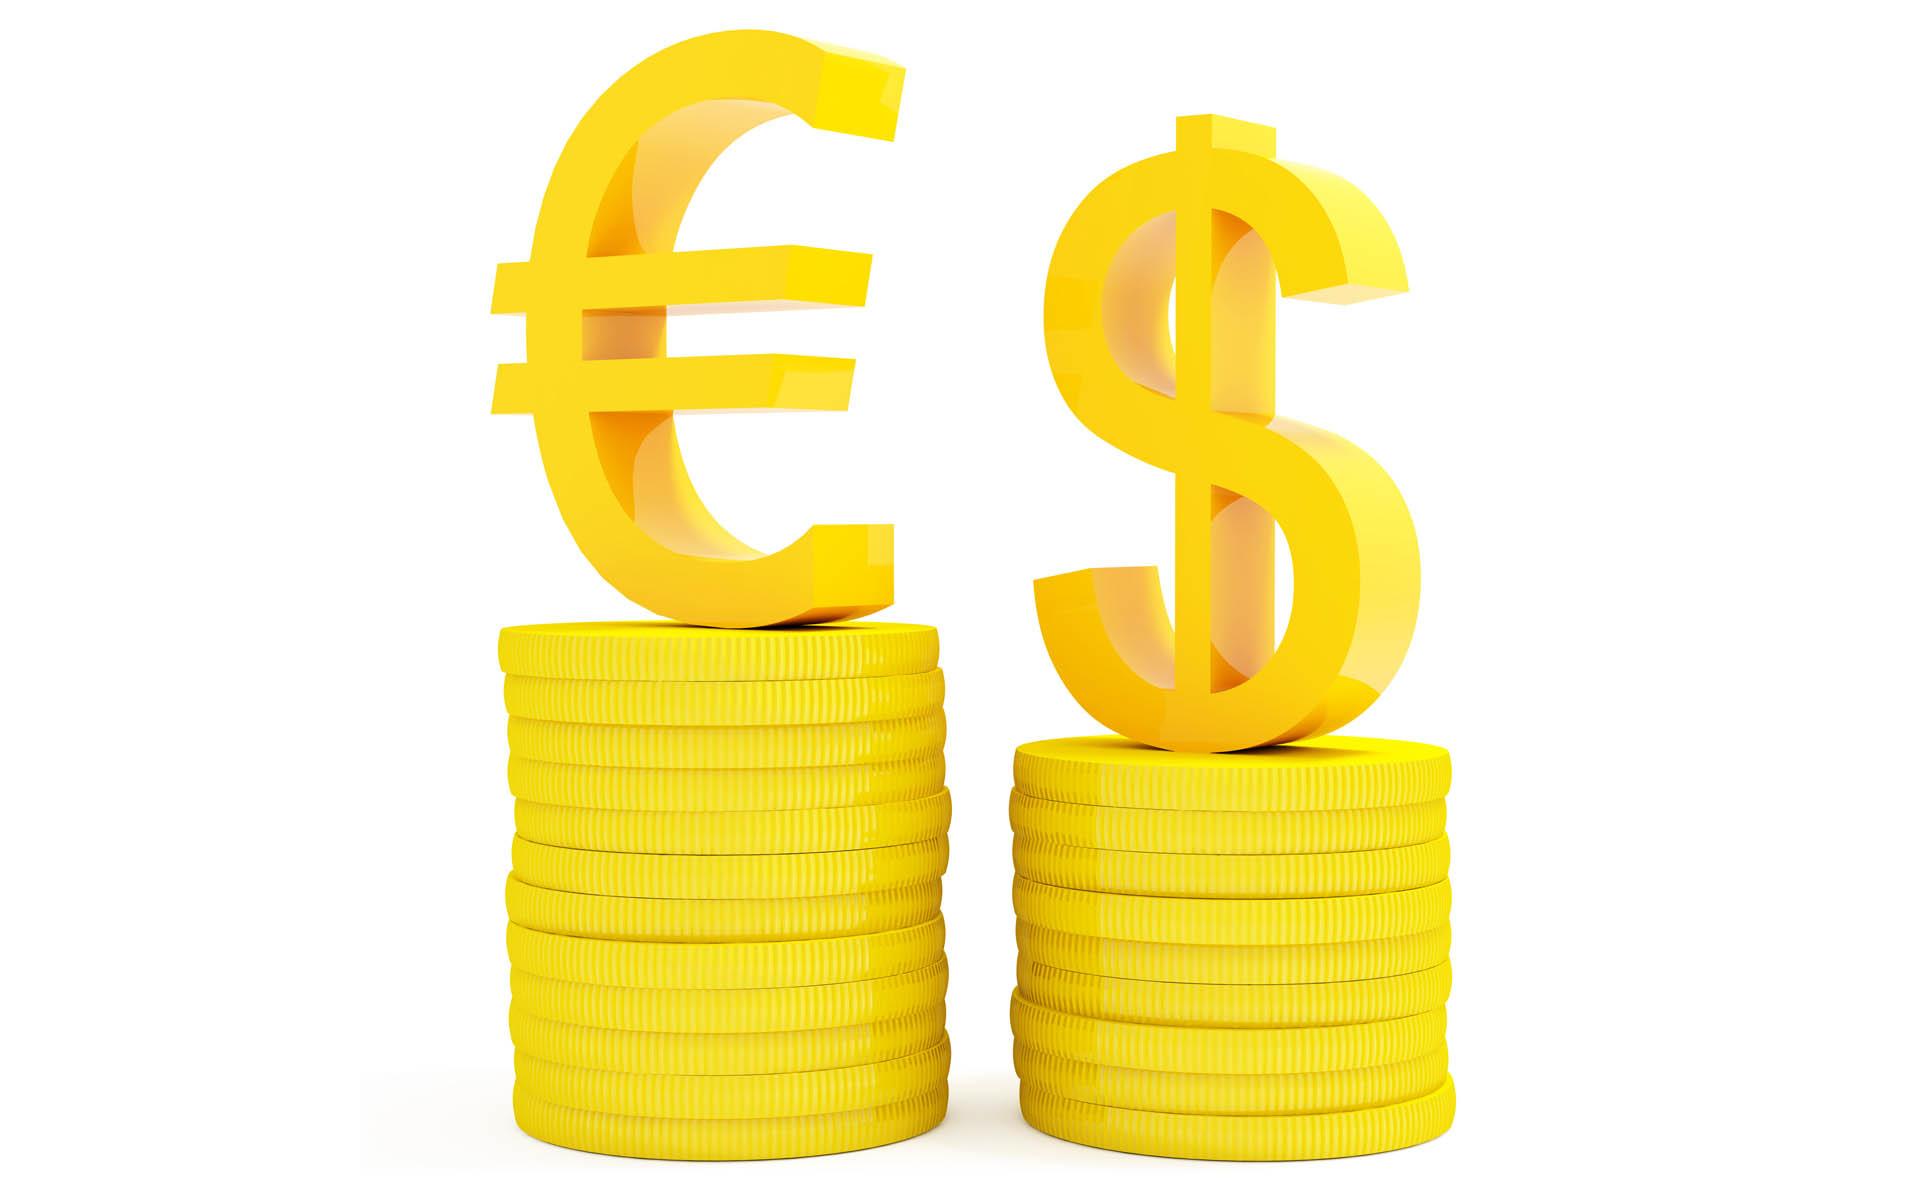 Картинка Евро и доллар - Картинки Деньги - Бесплатные ...: http://pictar.ru/img-evro-i-dollar-27905.htm